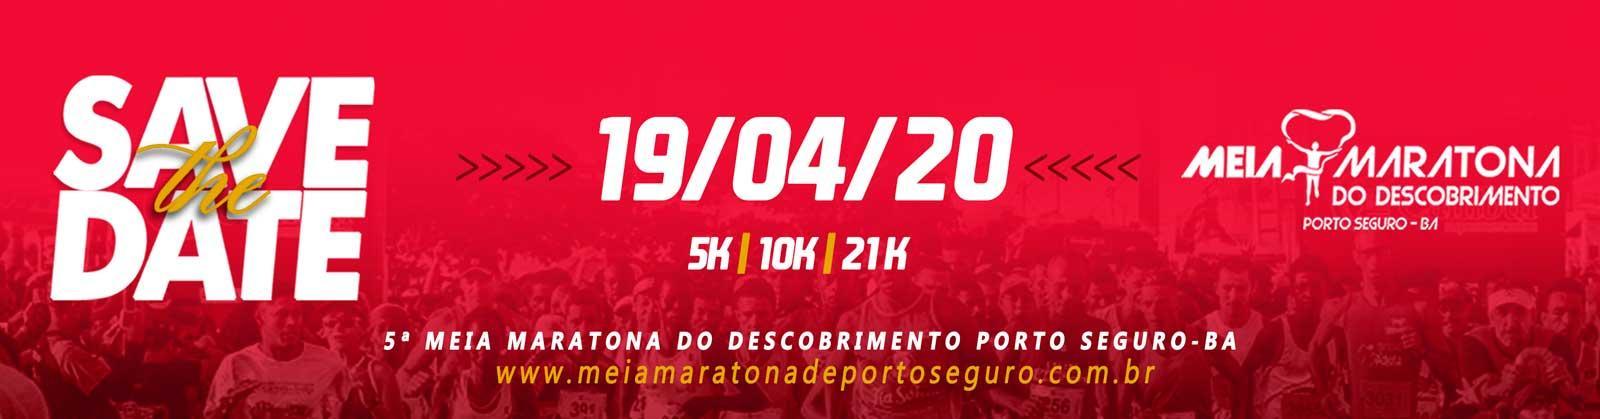 Meia Maratona do Descobrimento confirma a data de 2020 para a realização da sua quinta edição